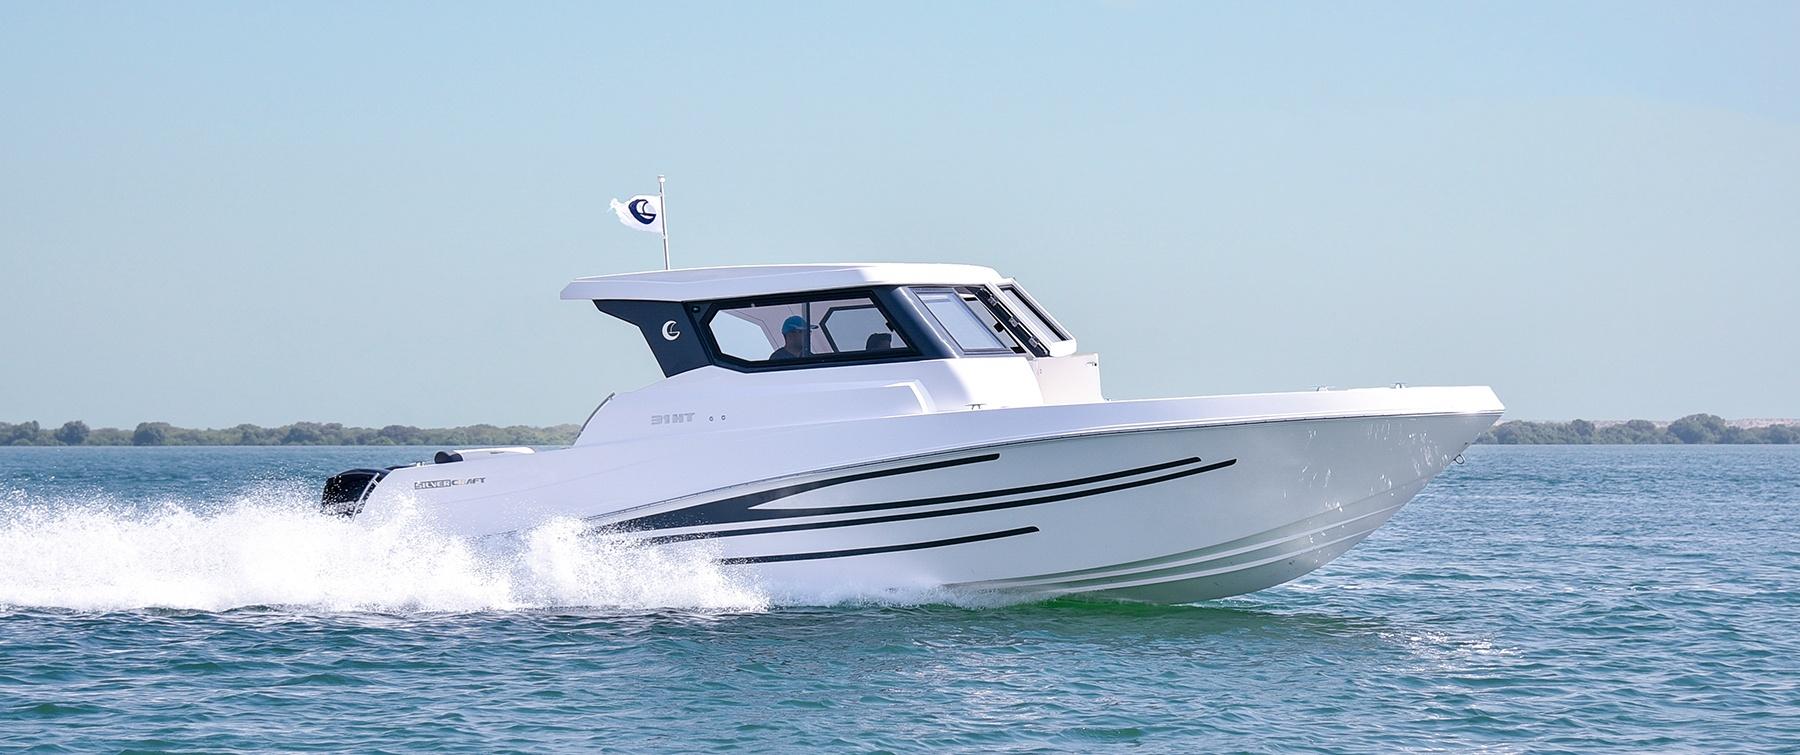 Silvercraft 31 Ht Fishing Boat Amp Leisure Cruiser Gulf